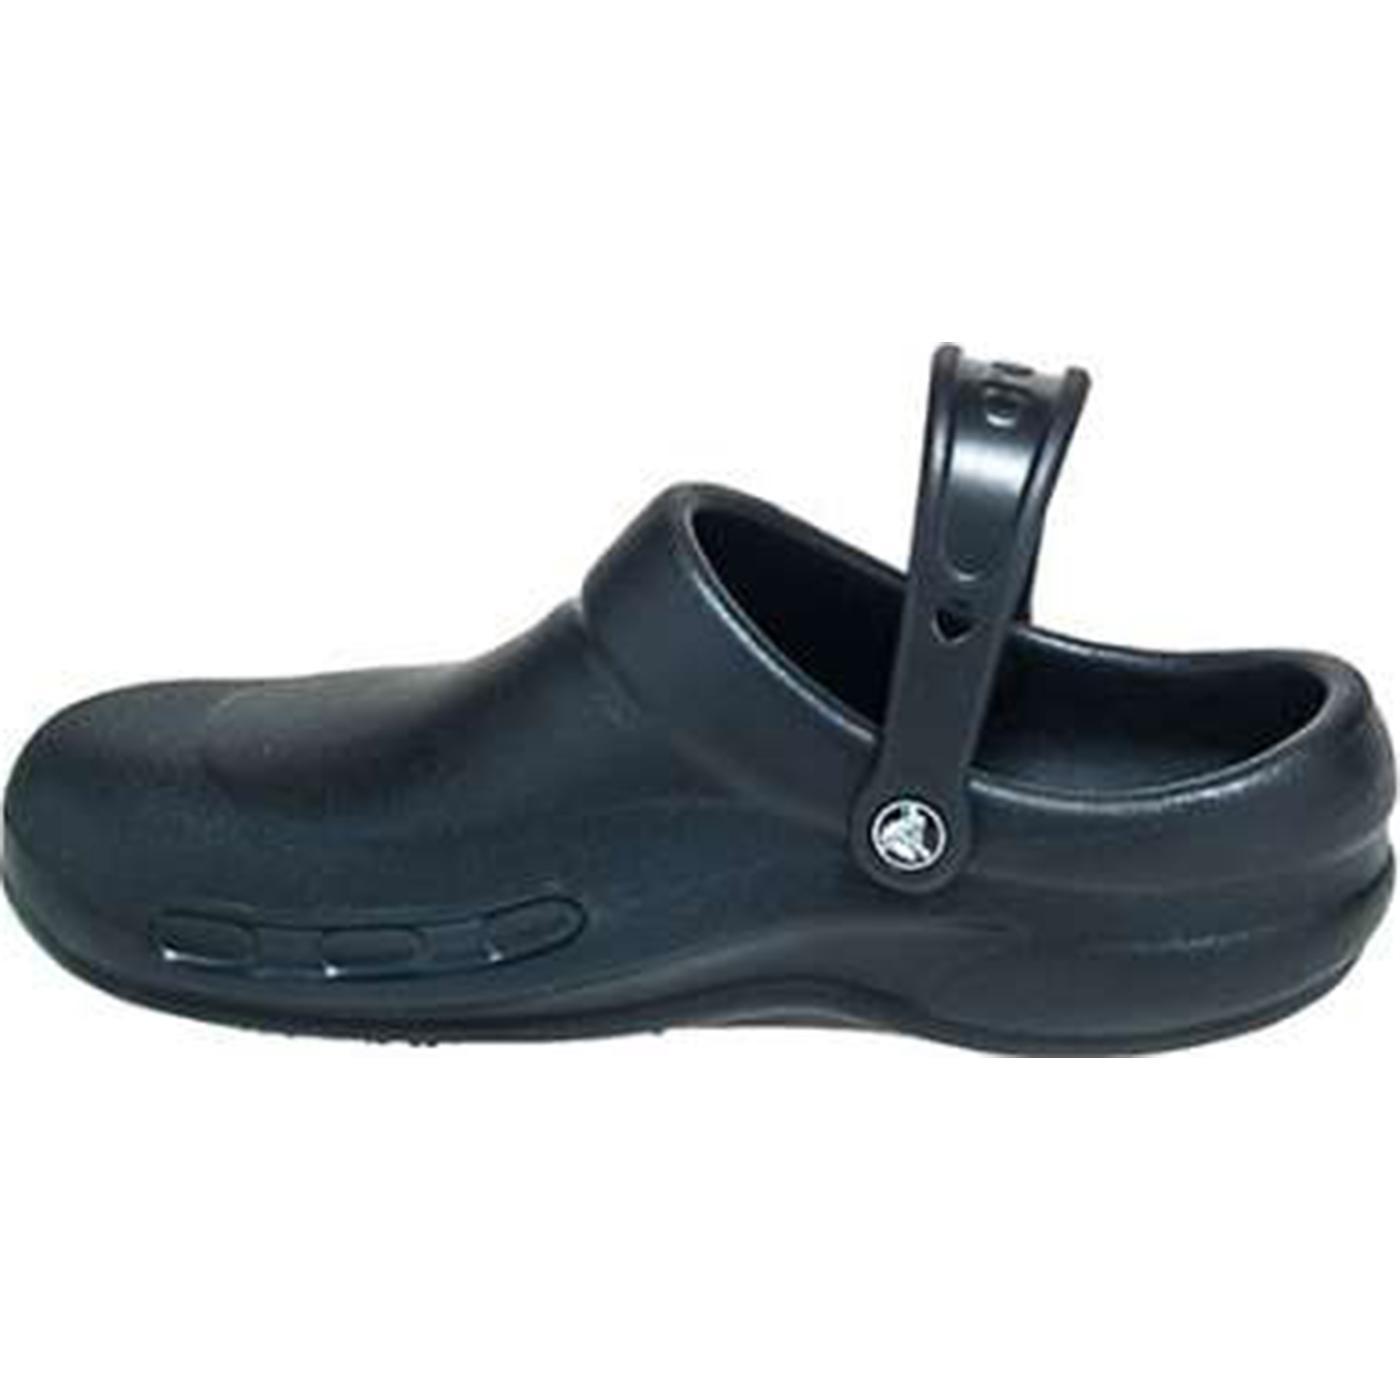 77895a15994e6 Images. Crocs Bistro Unisex Slip-Resistant Clog